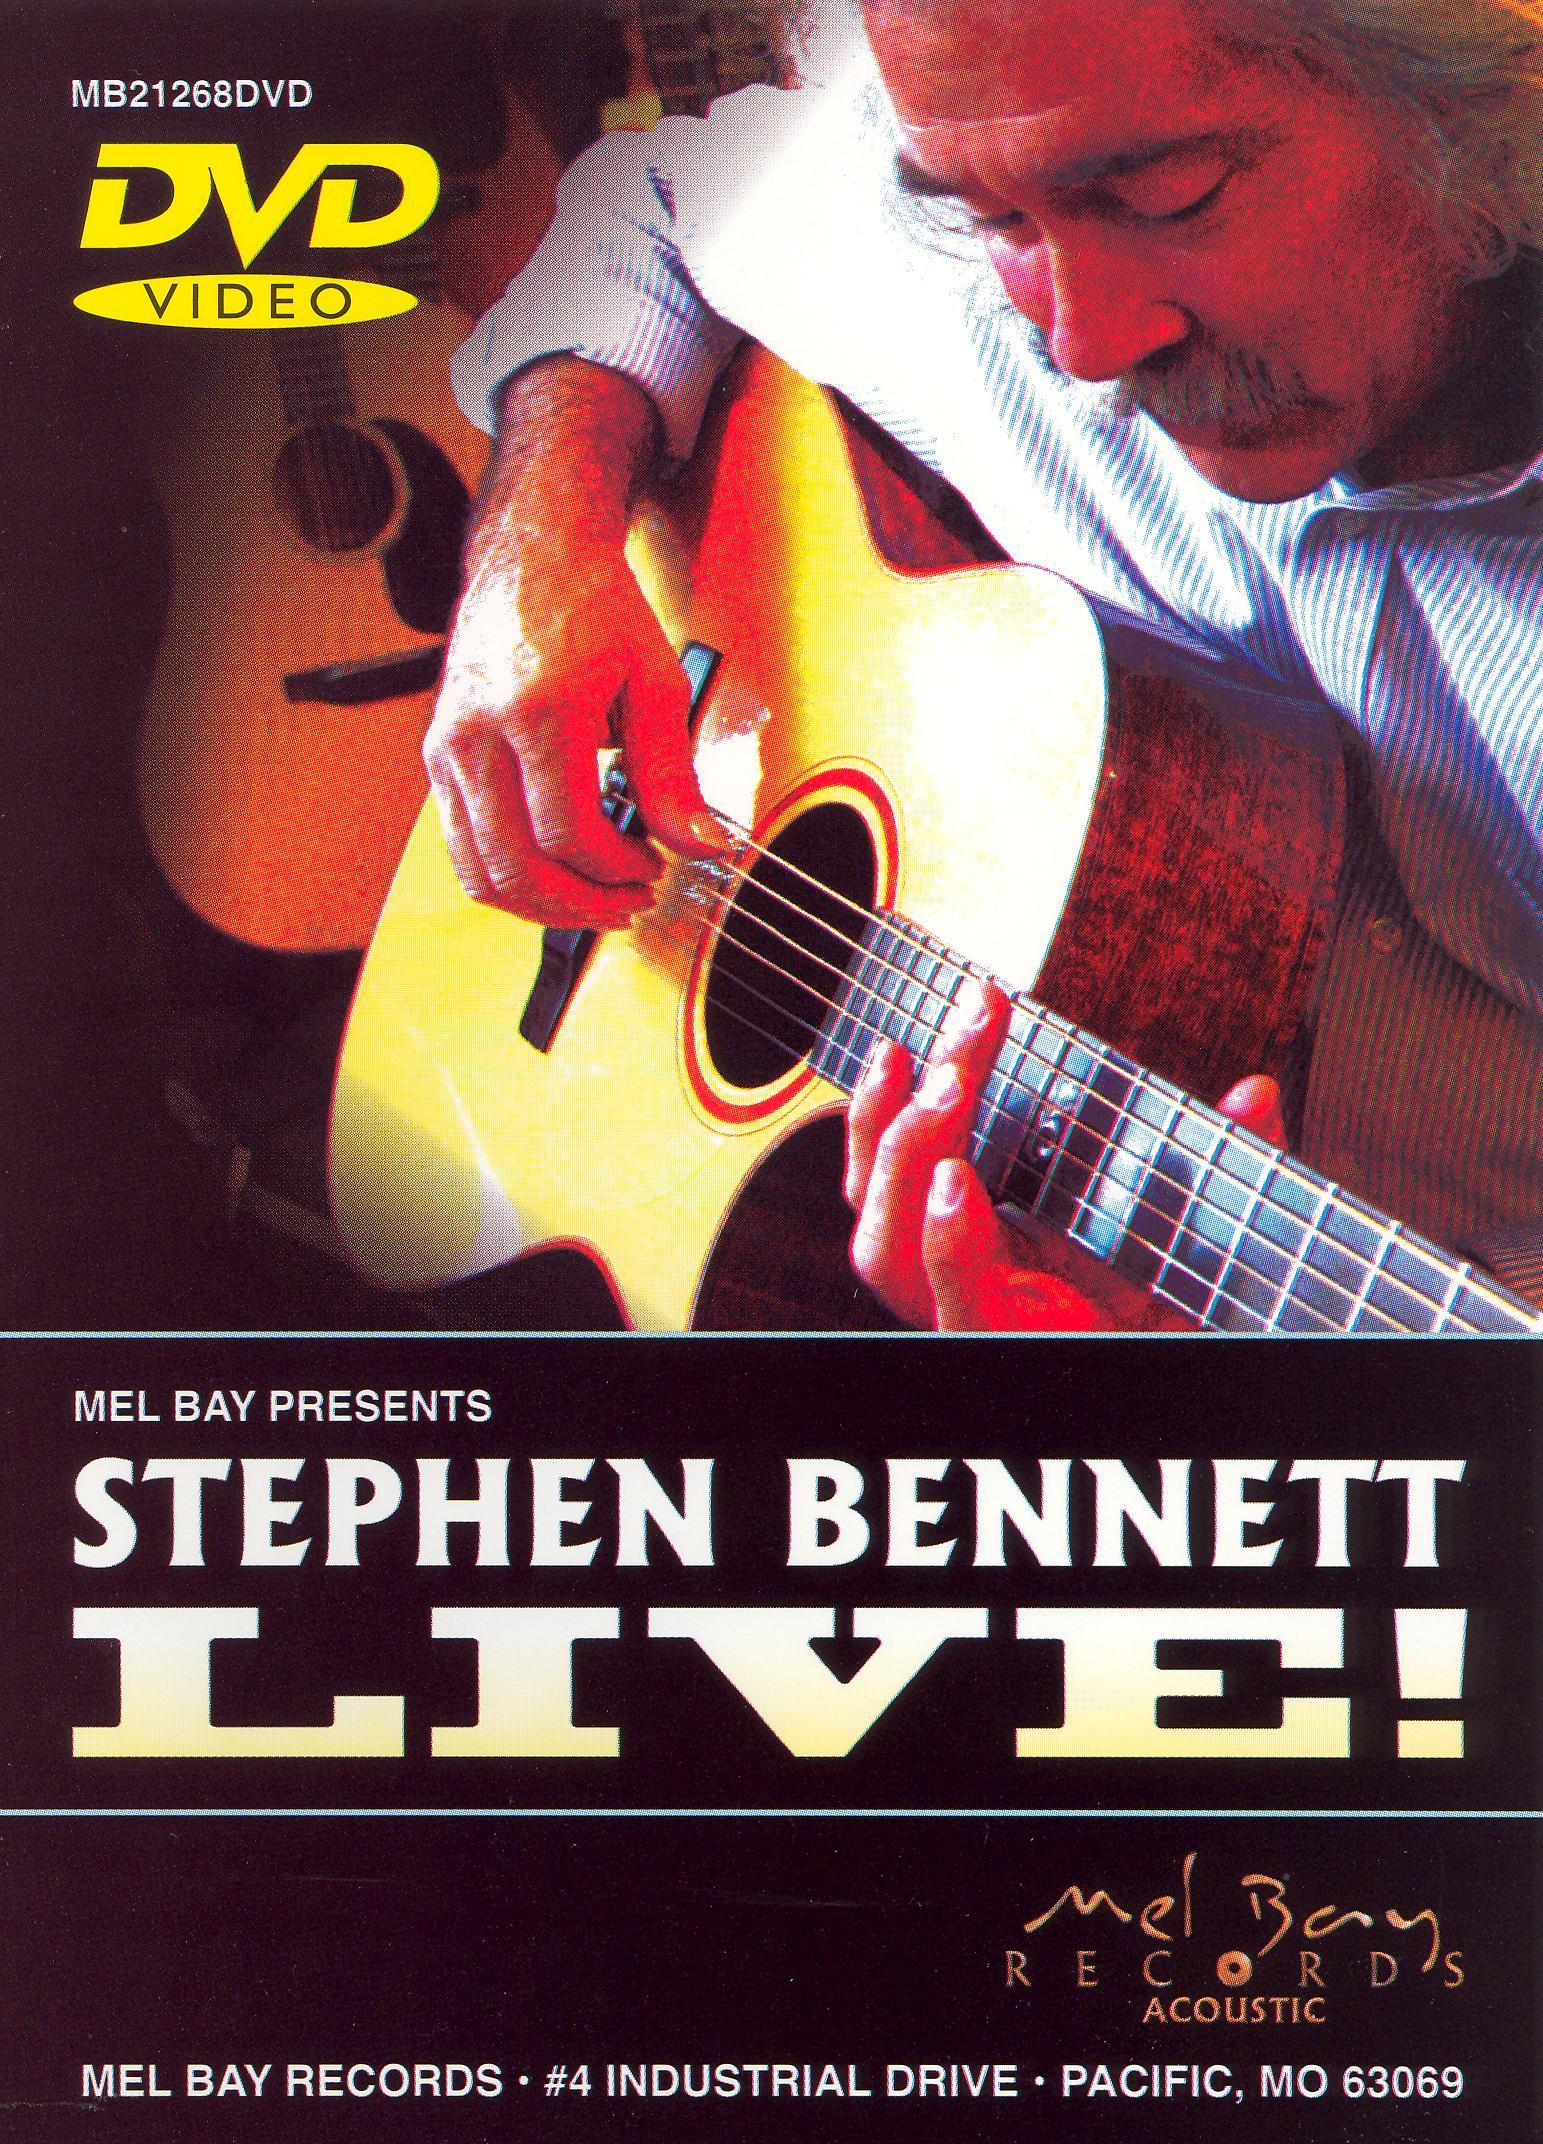 Stephen Bennett: Stephen Bennett Live